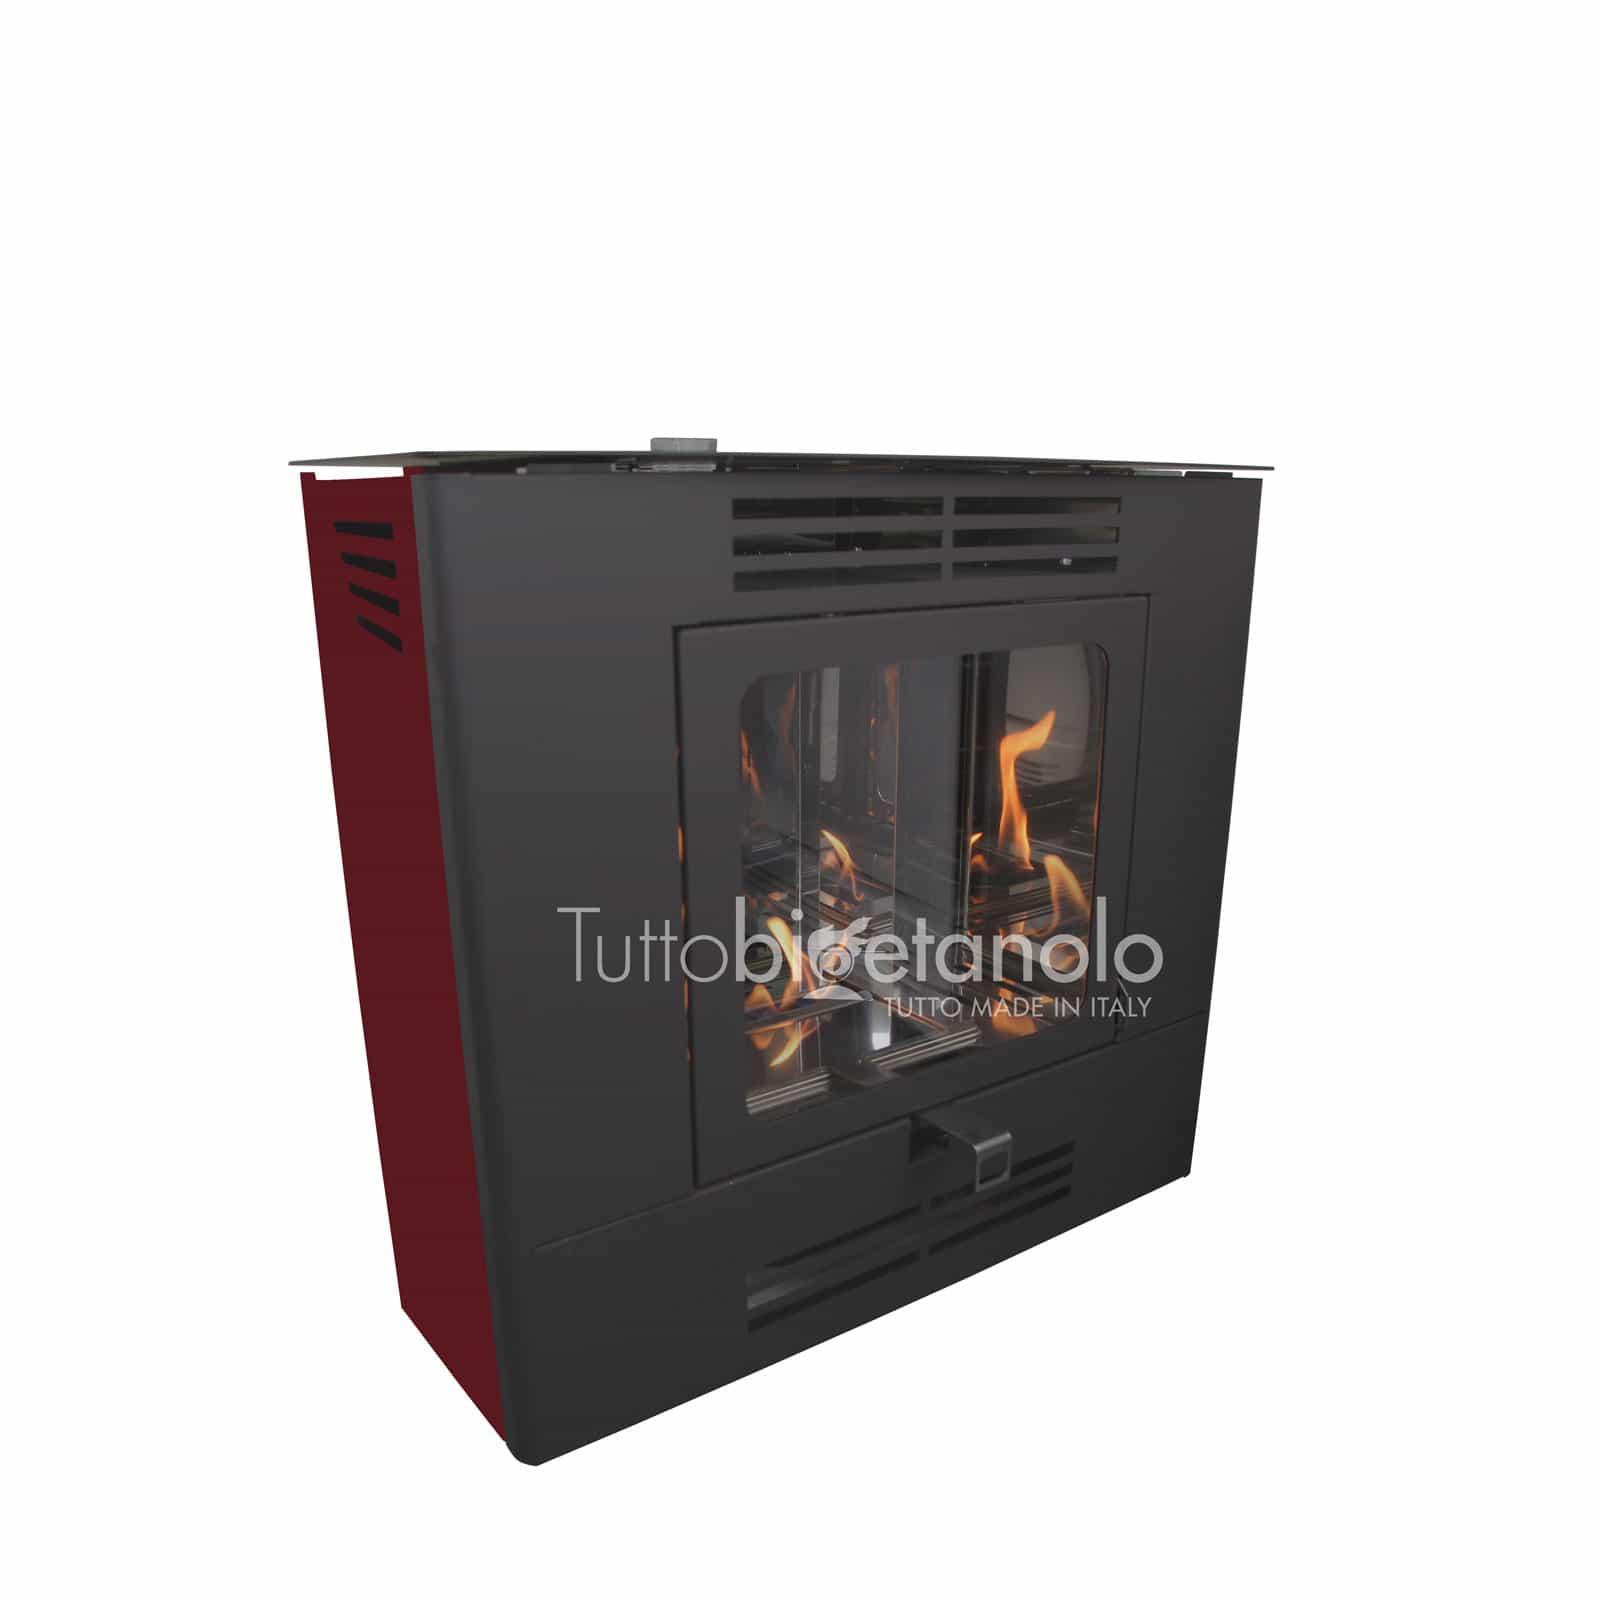 Stufa a bioetanolo Easy Corner ventilata made in Italy - Tuttobioetanolo